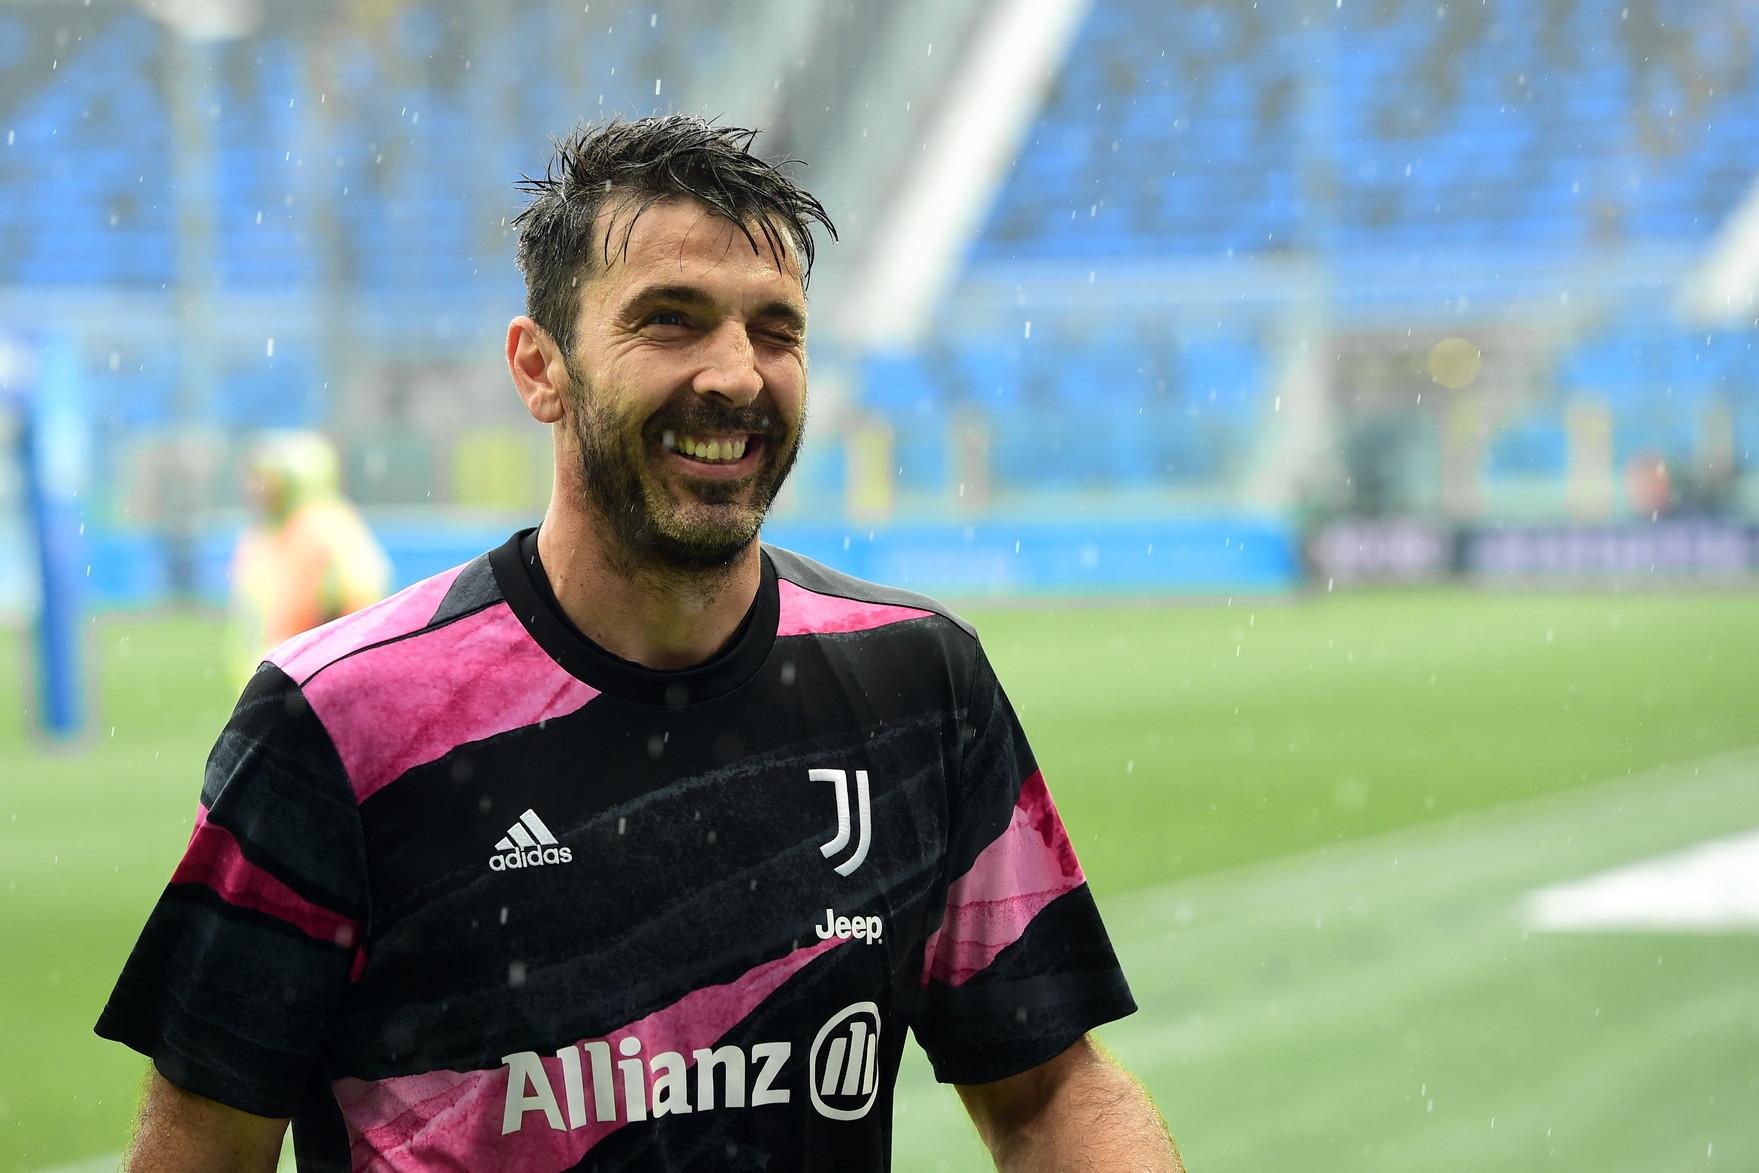 Buffon jep lamtumirën: Në fund të sezonit do të largohem përgjithmonë